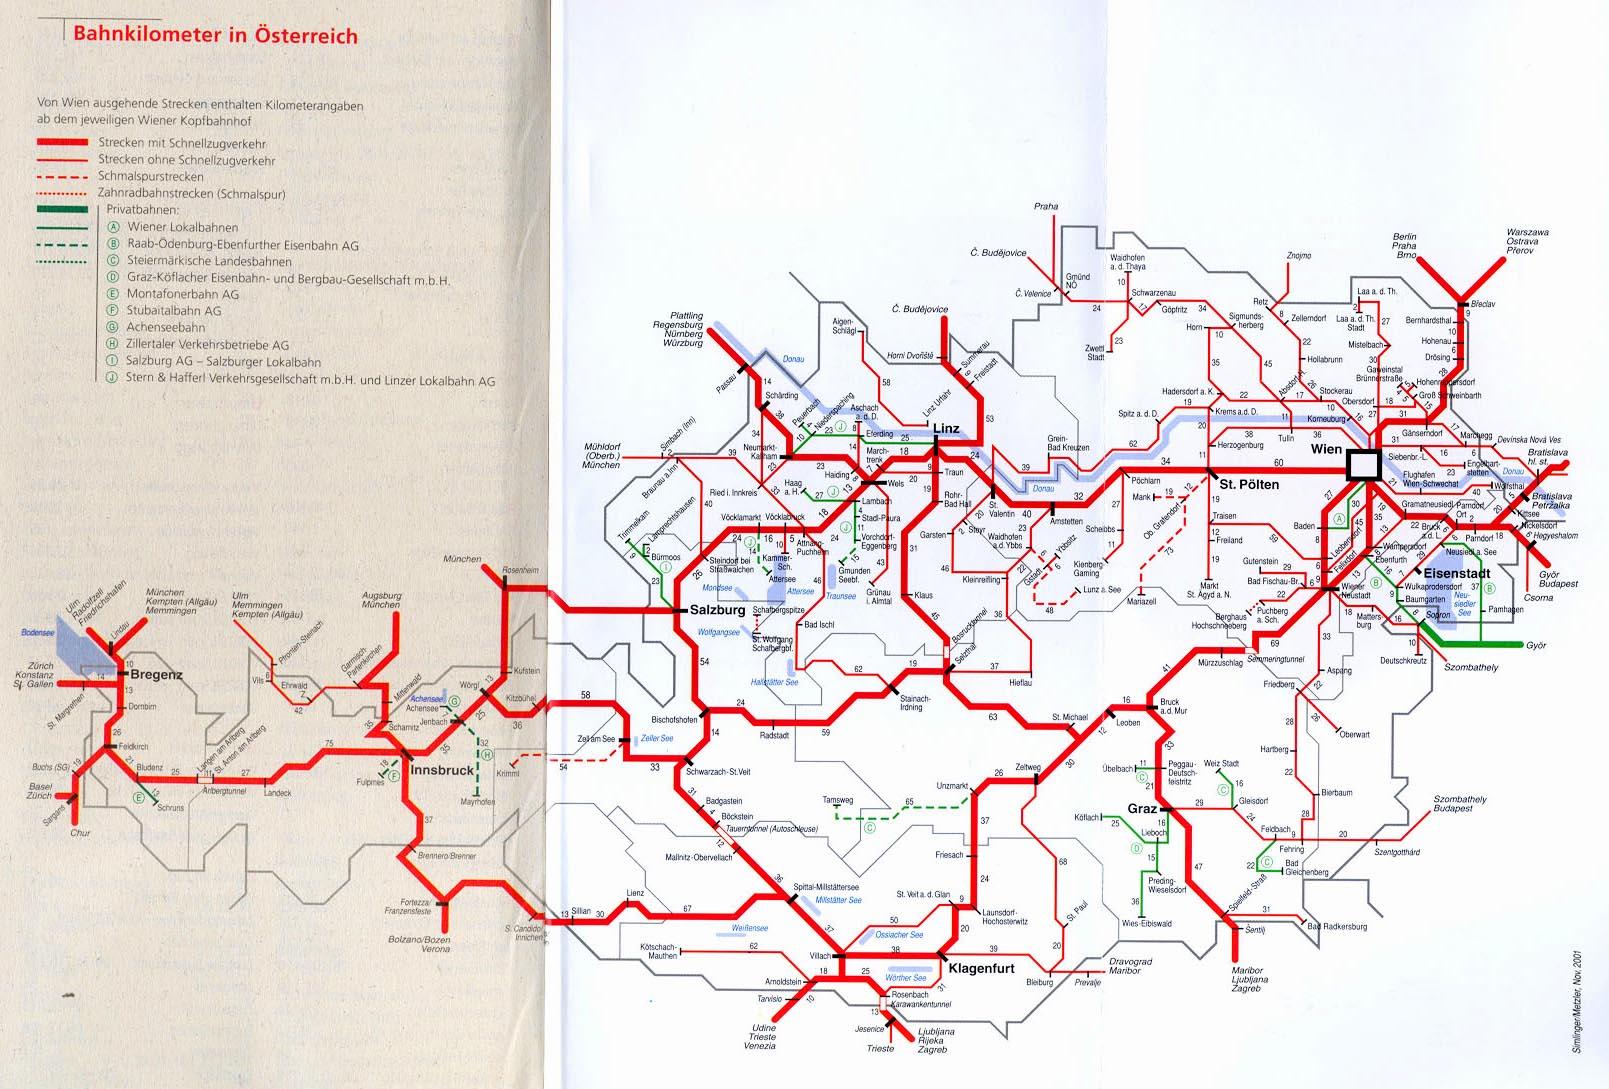 Mapa Zeleznicni Mapa Rakouska